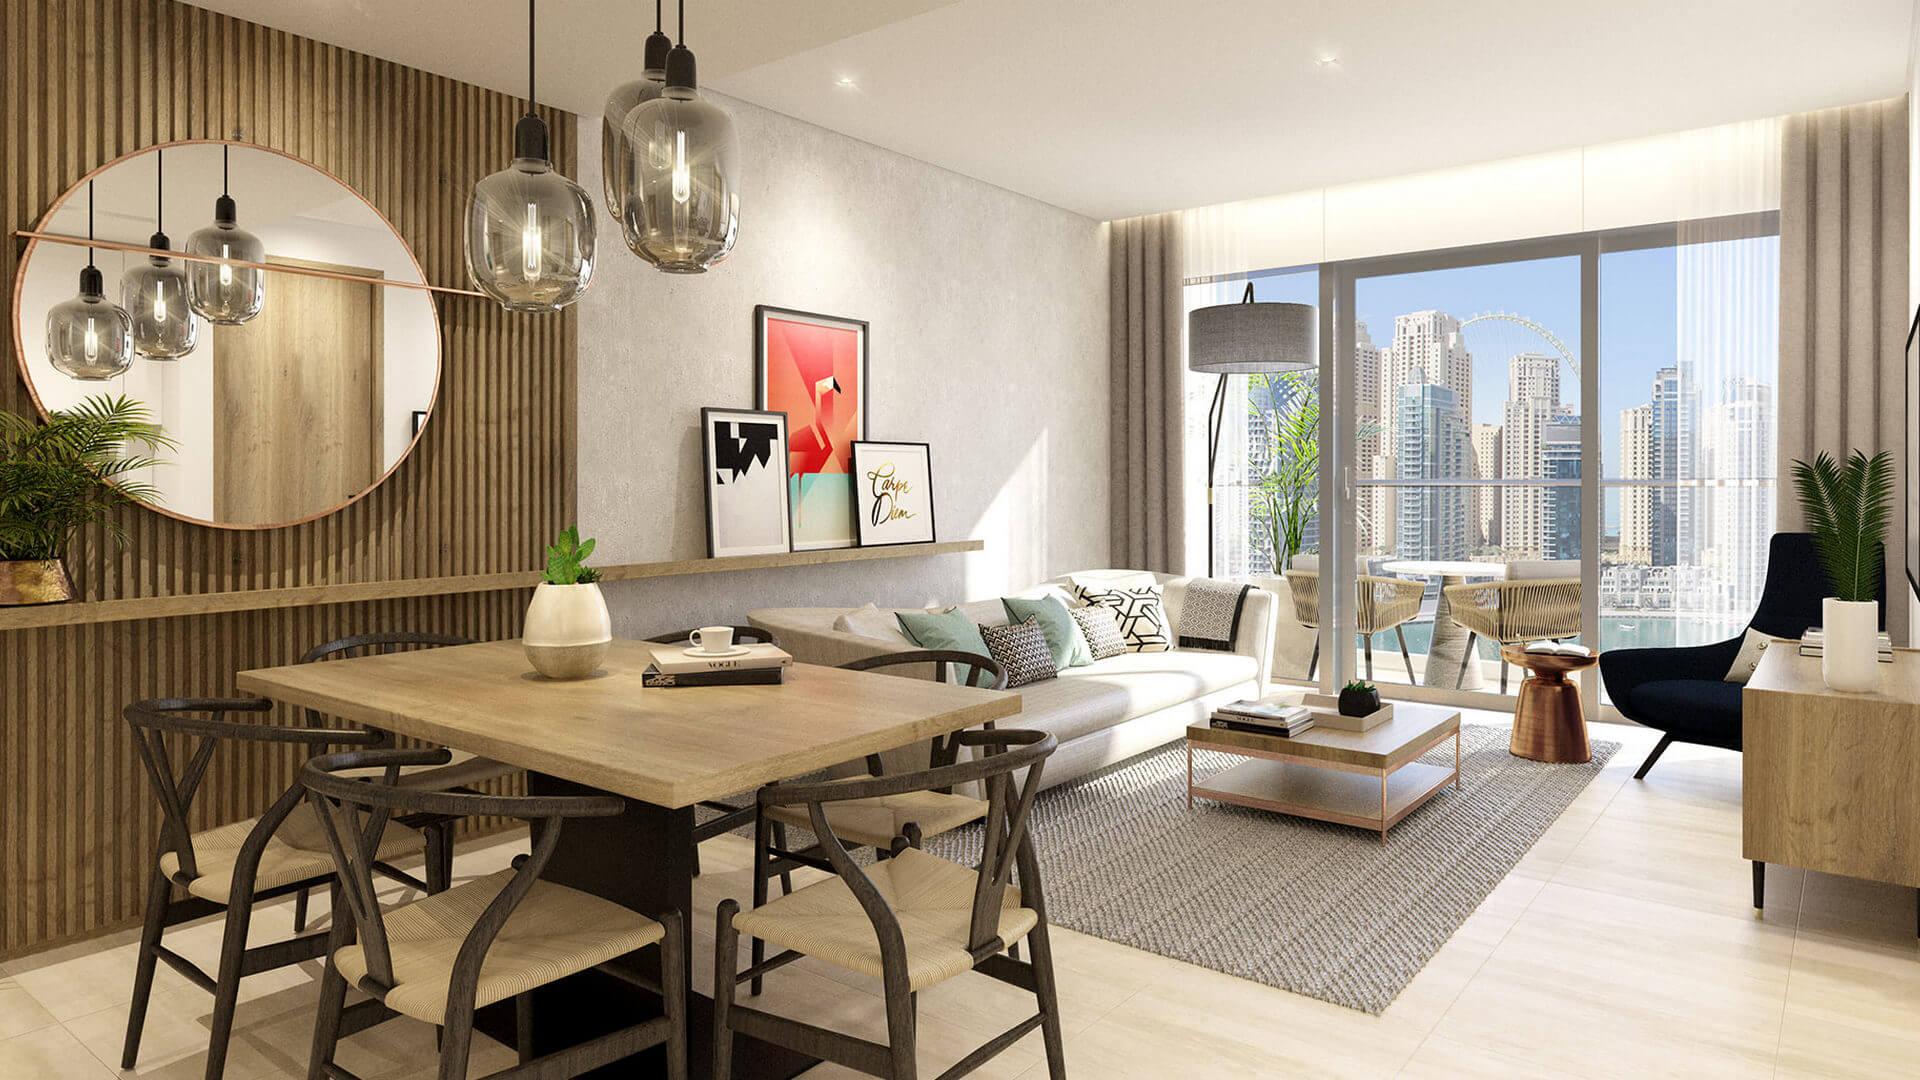 Apartamento en venta en Dubai, EAU, 1 dormitorio, 69 m2, № 24101 – foto 1